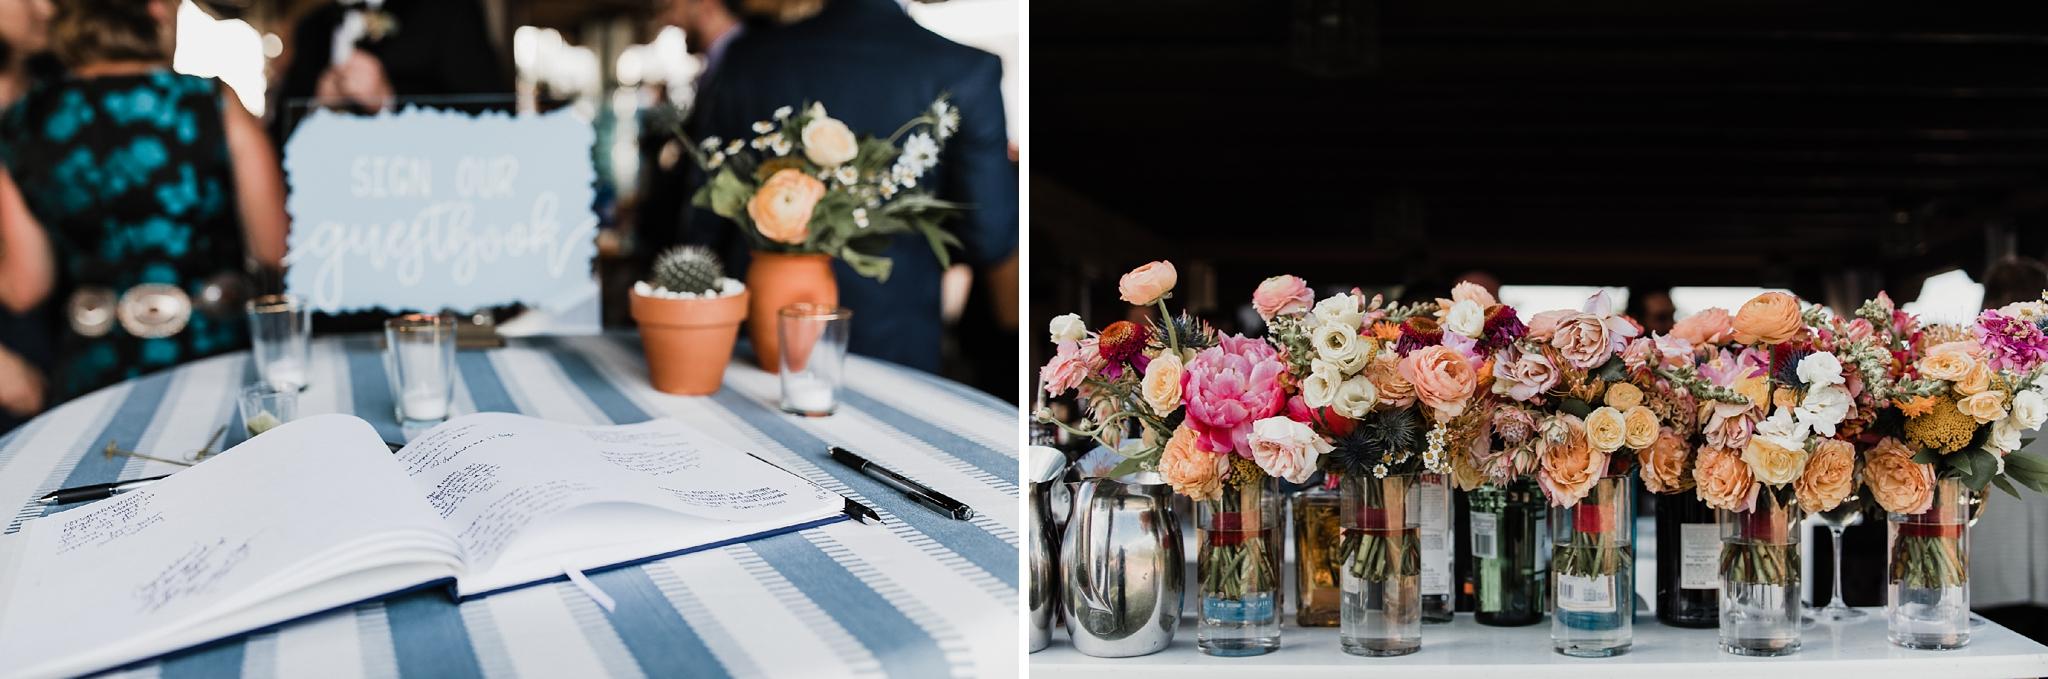 Alicia+lucia+photography+-+albuquerque+wedding+photographer+-+santa+fe+wedding+photography+-+new+mexico+wedding+photographer+-+new+mexico+wedding+-+las+campanas+wedding+-+santa+fe+wedding+-+maximalist+wedding+-+destination+wedding_0139.jpg